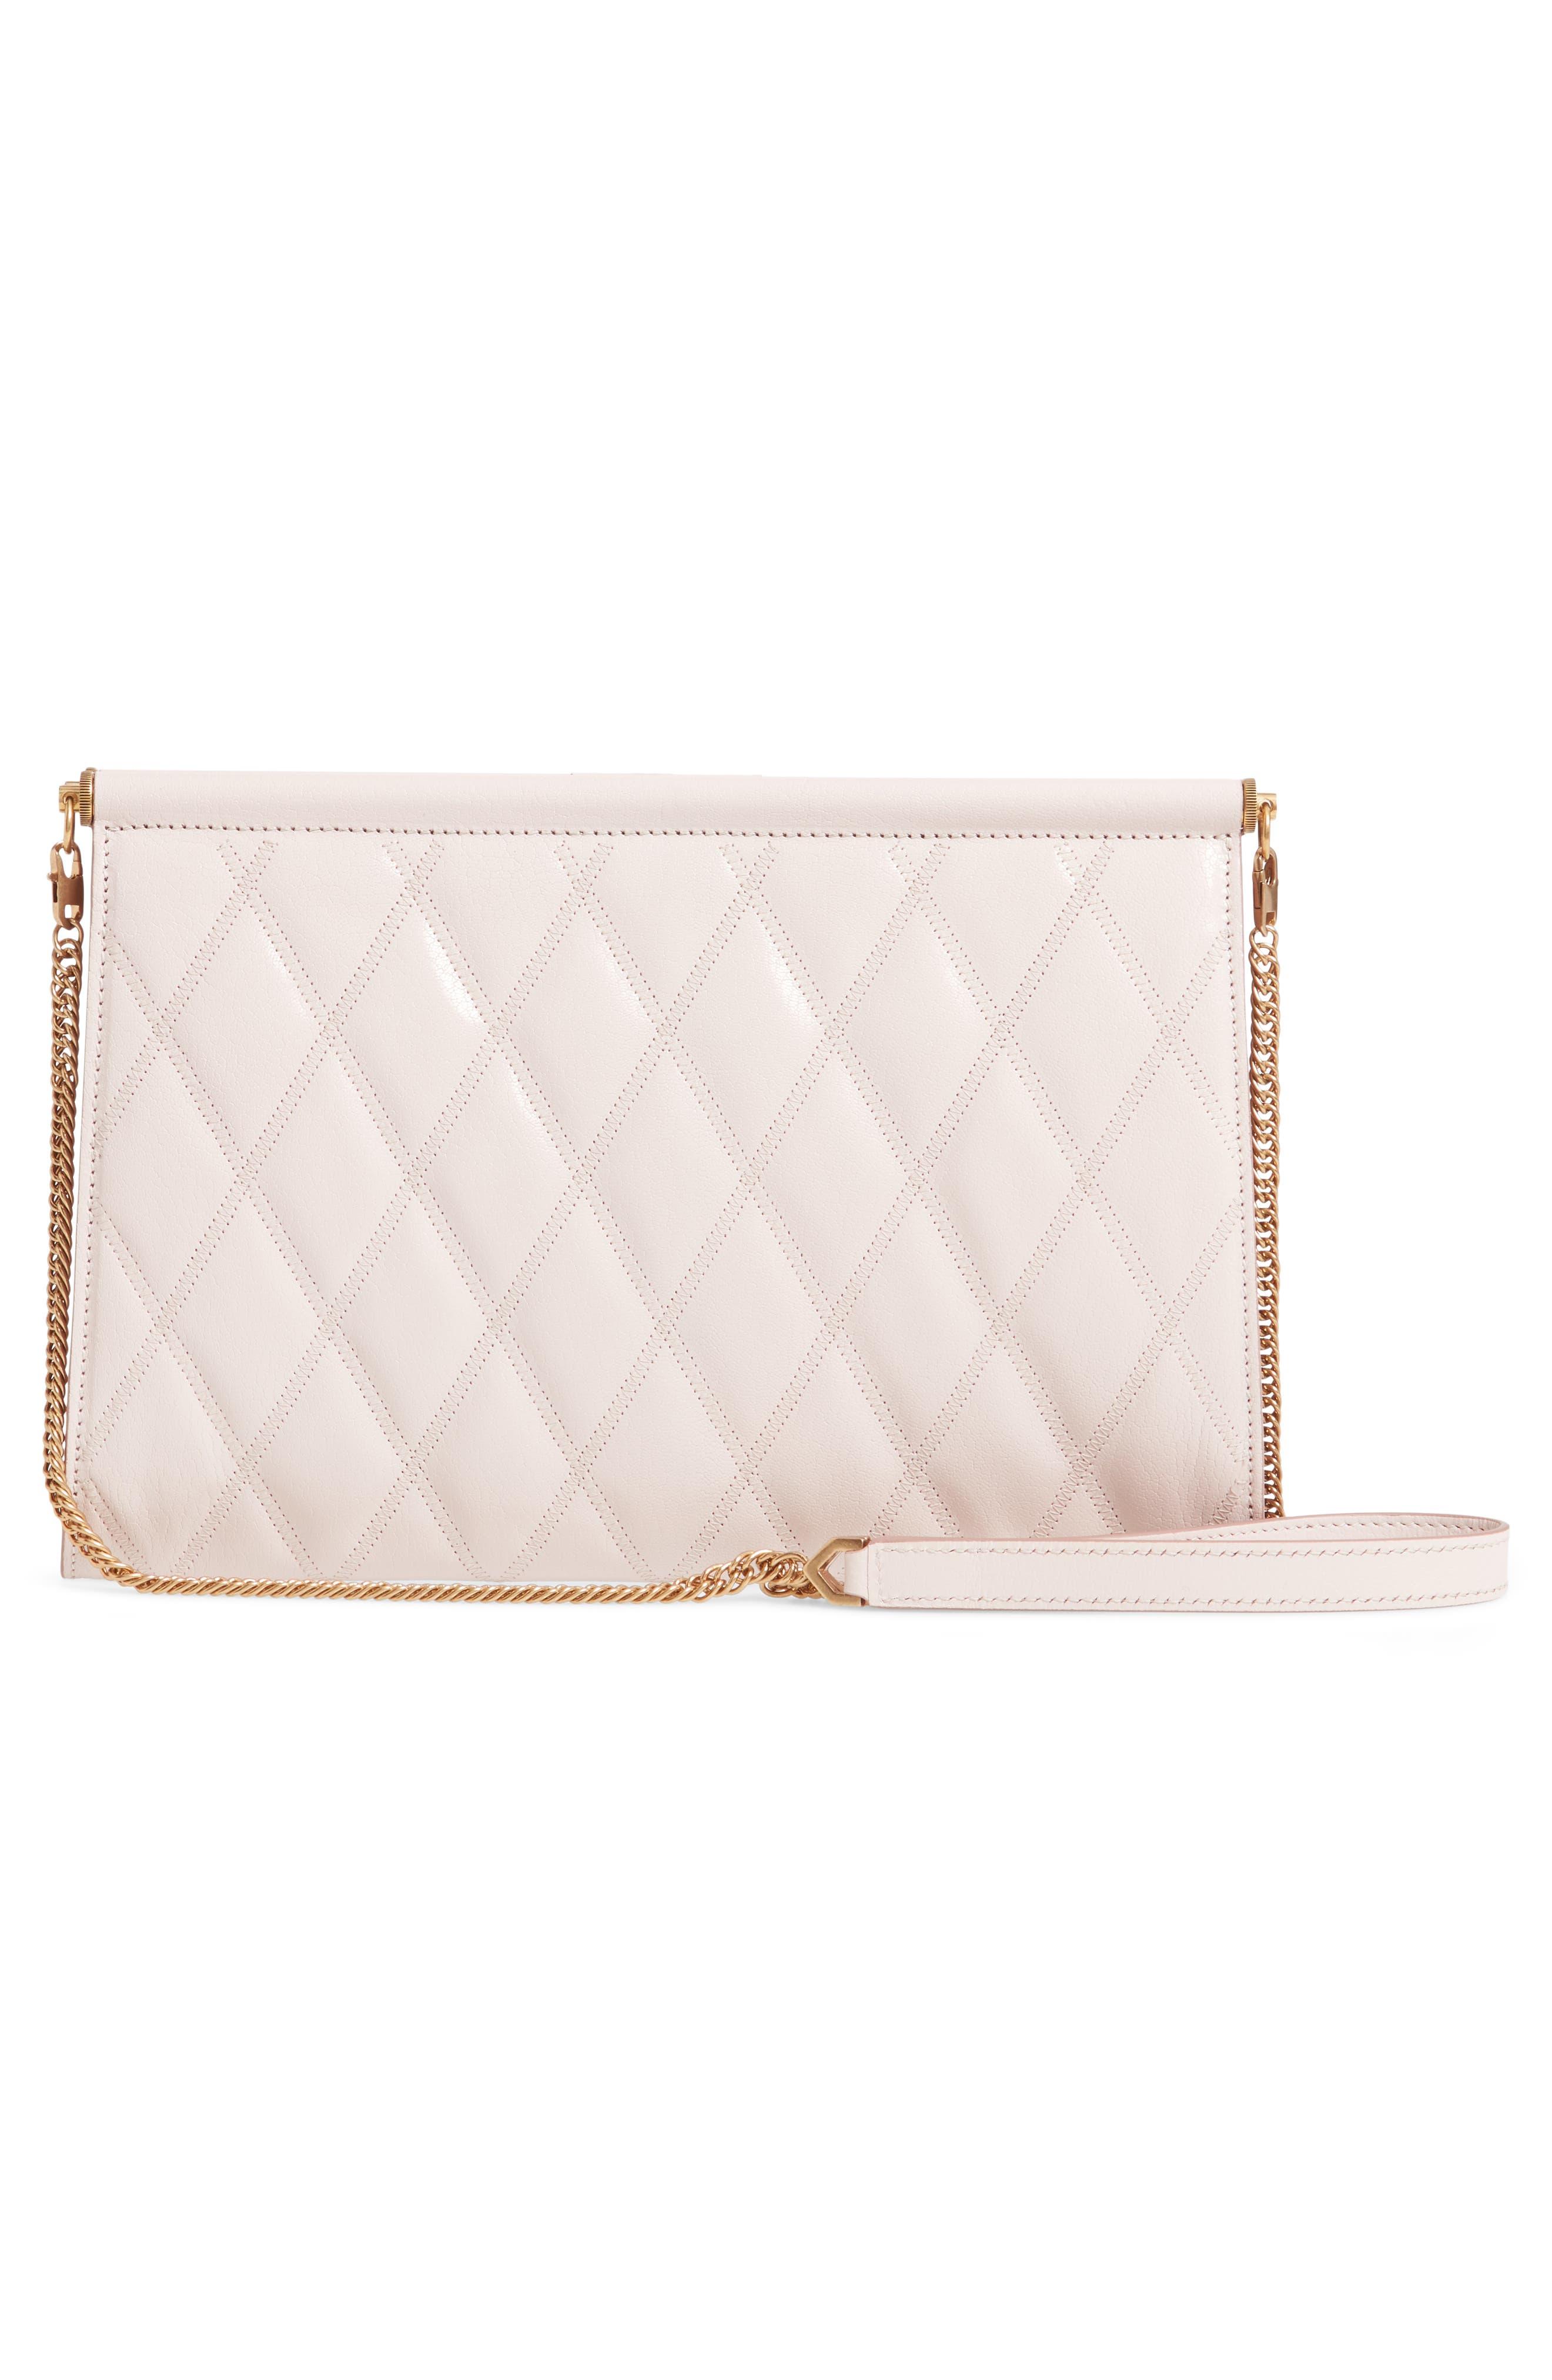 GIVENCHY, Gem Quilted Leather Frame Shoulder Bag, Alternate thumbnail 3, color, PALE PINK